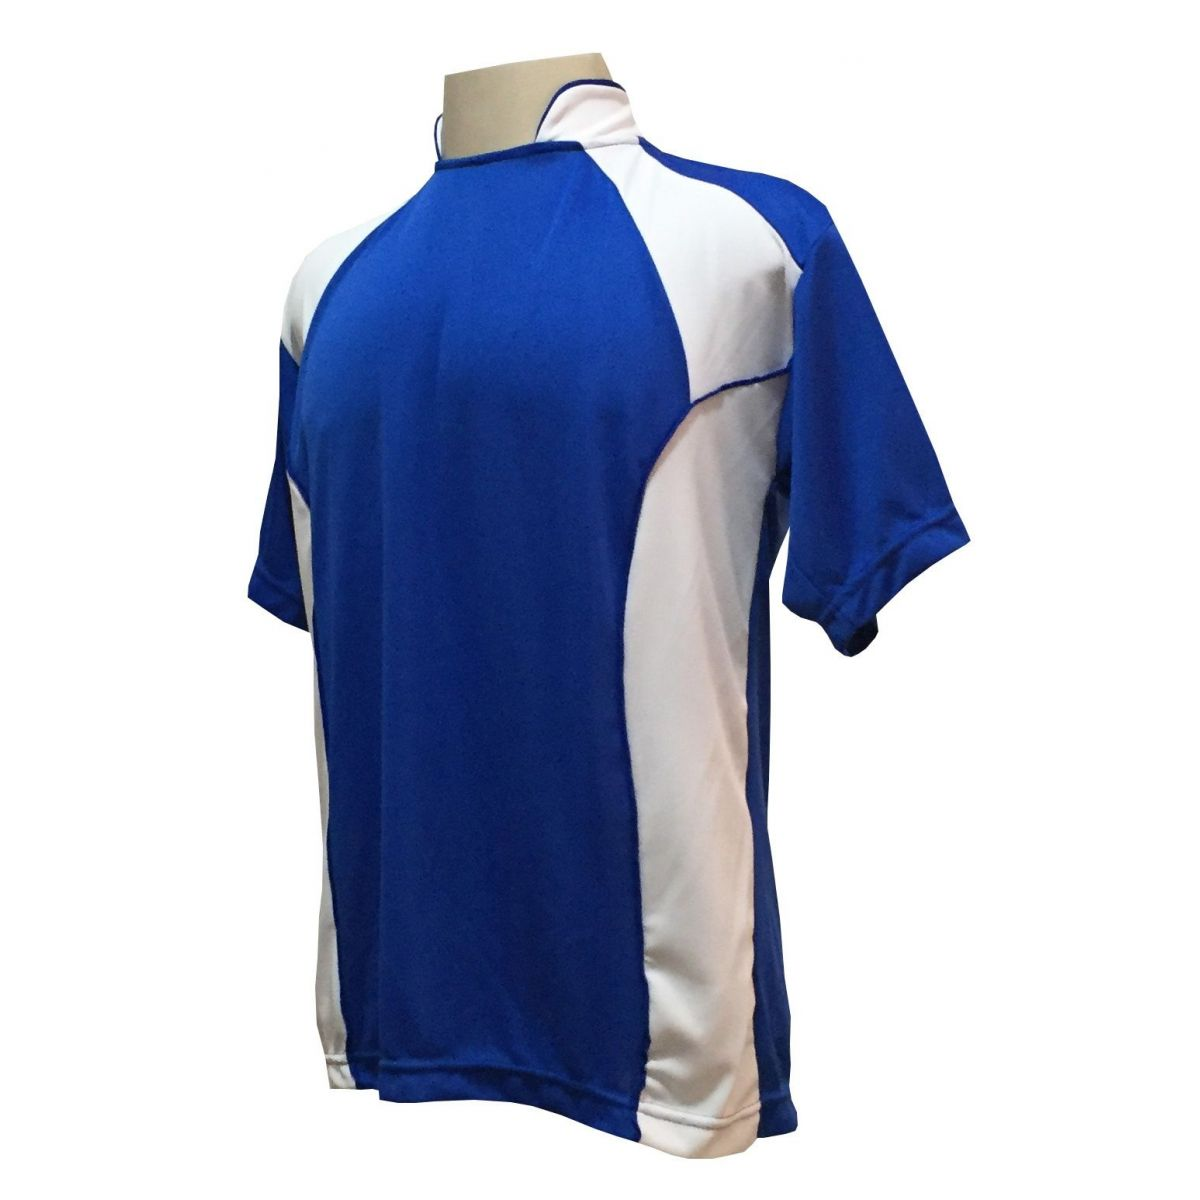 Uniforme Esportivo com 14 camisas modelo Suécia Royal/Branco + 14 calções modelo Copa Royal/Branco + 14 pares de meiões Royal